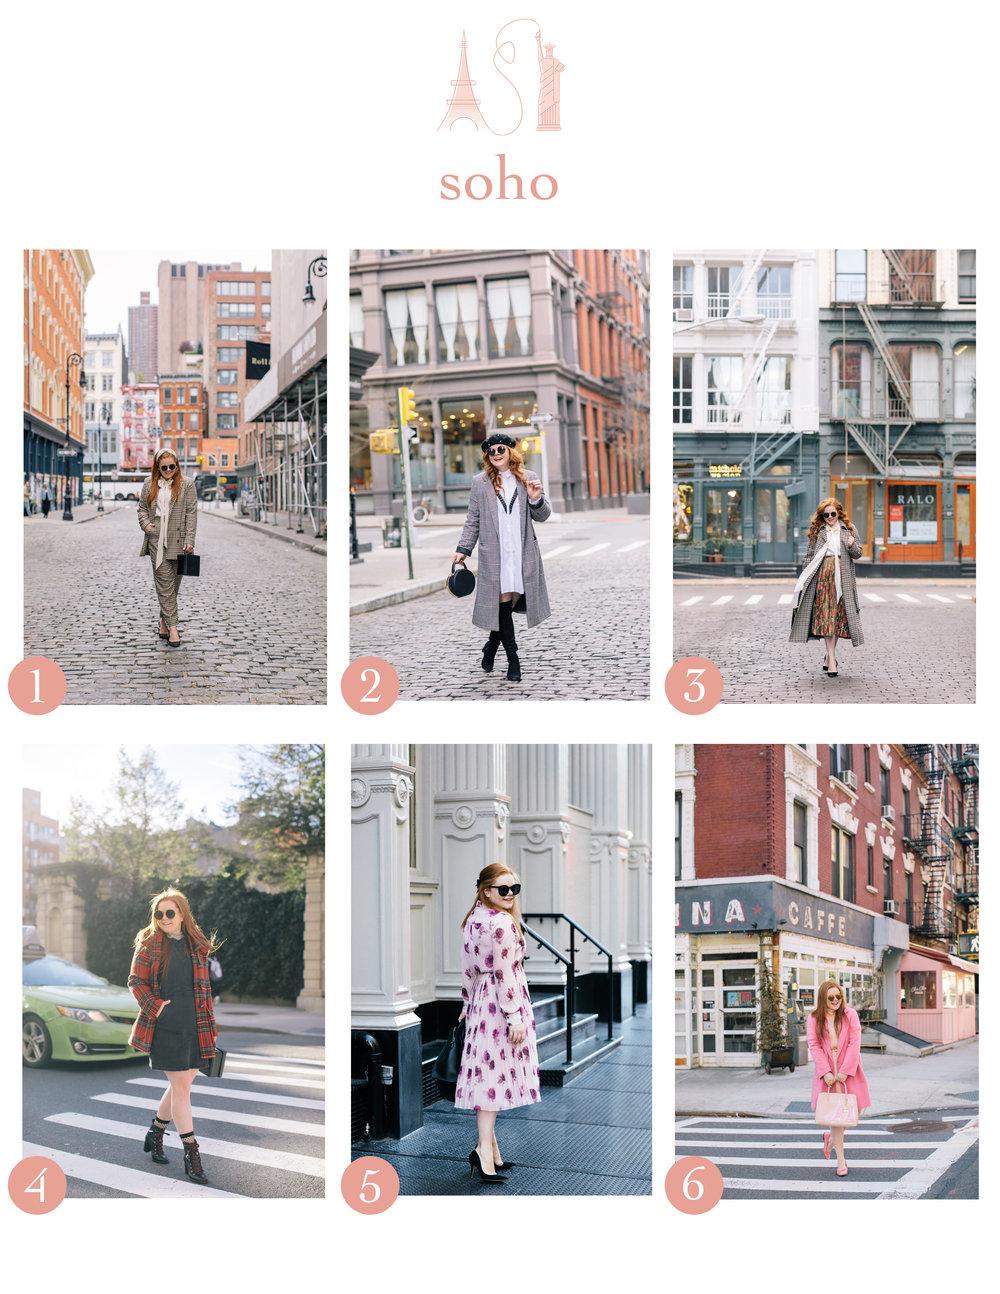 soho_photo_locations.jpg